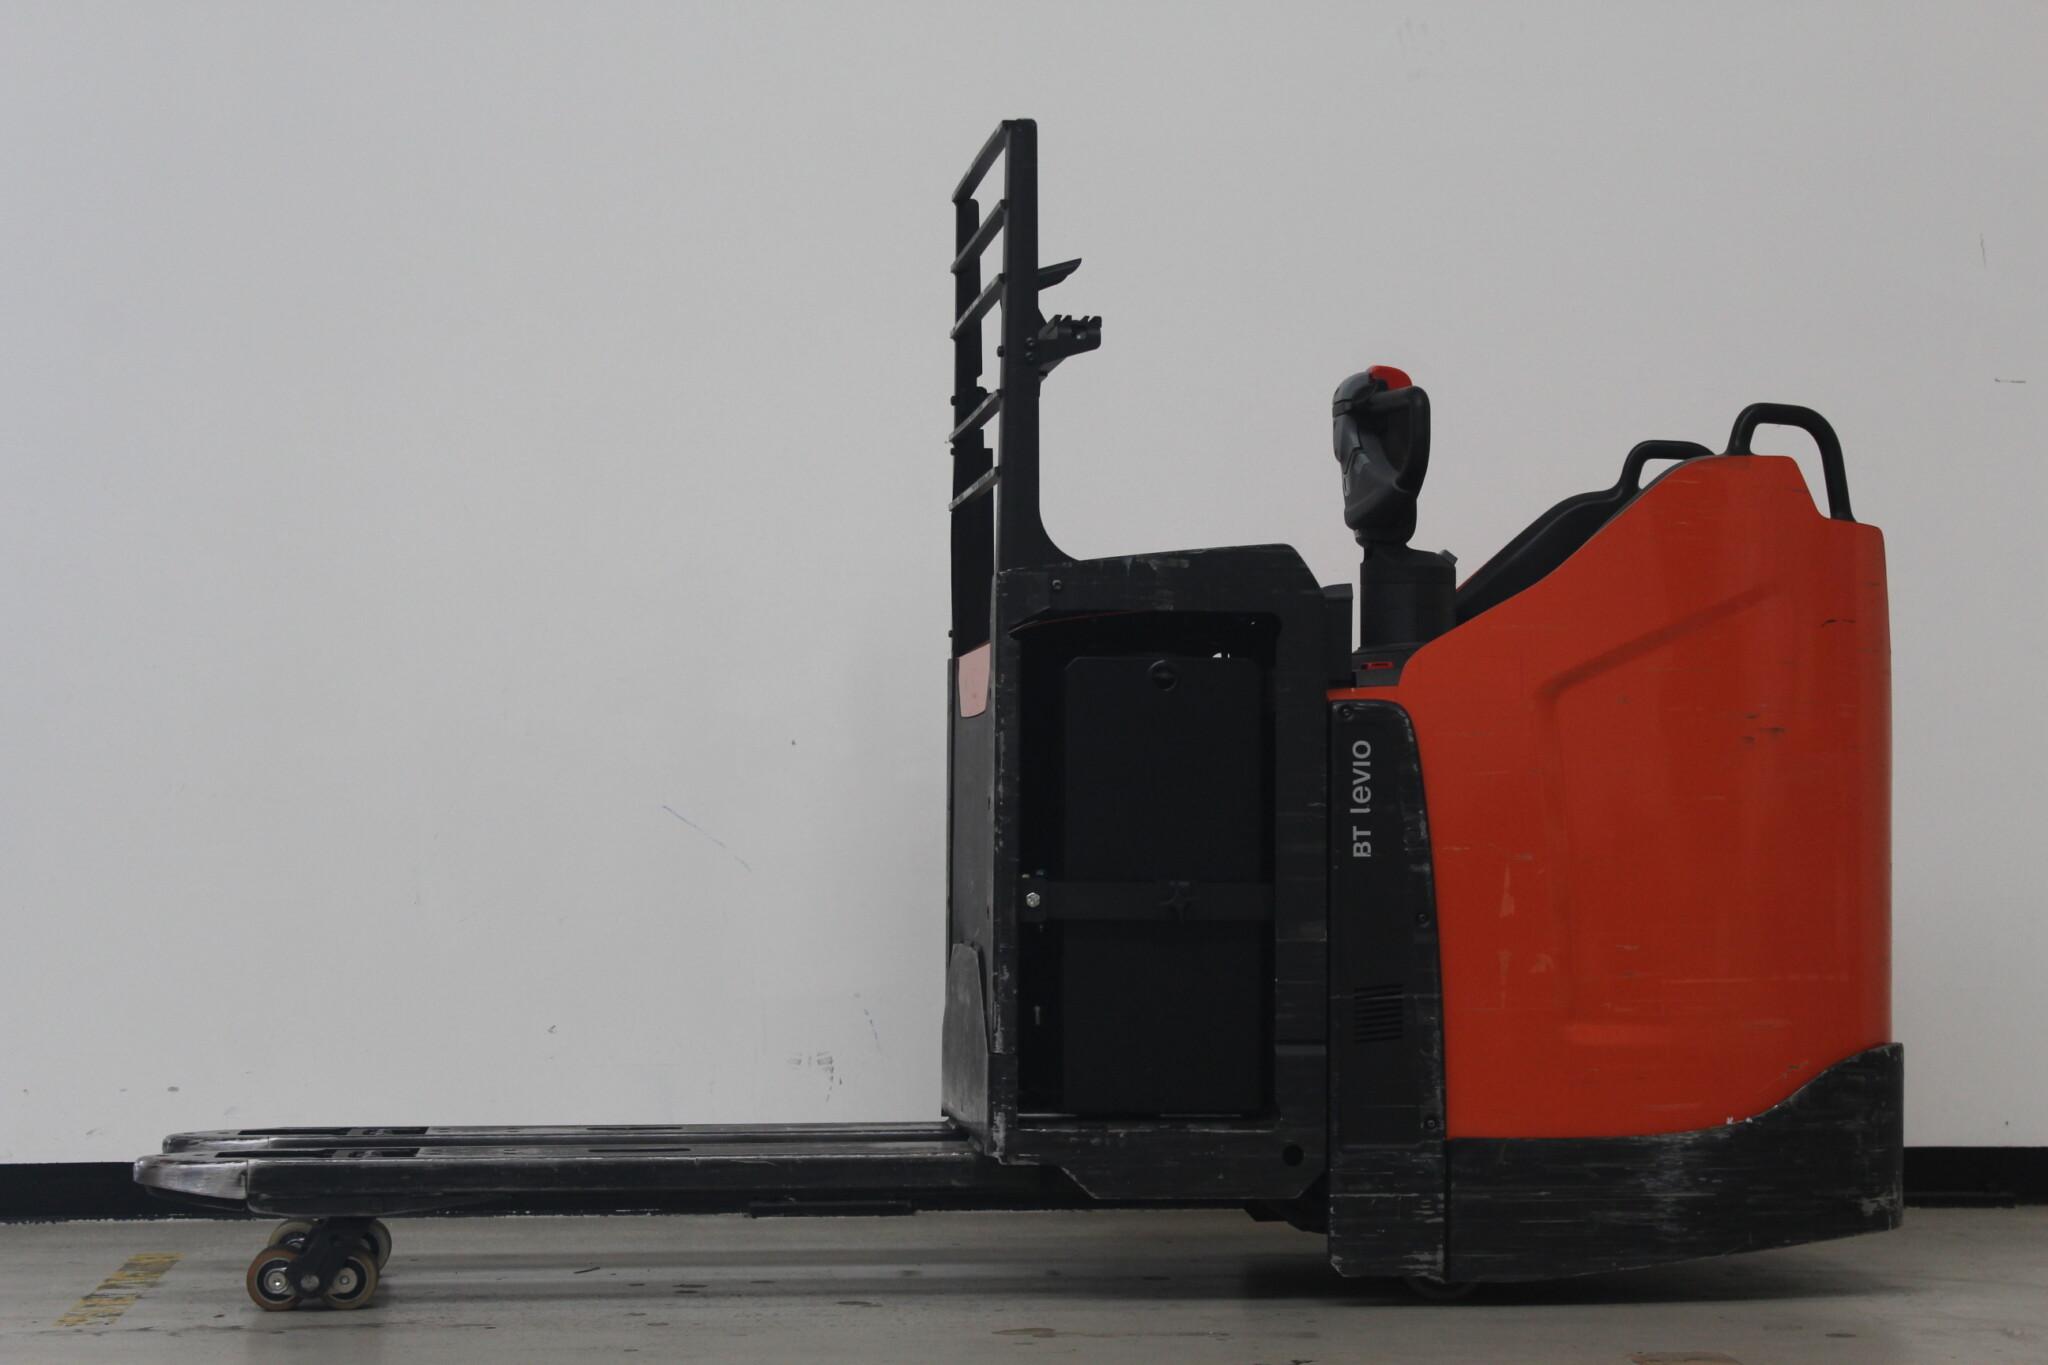 Toyota-Gabelstapler-59840 1805026632 1 46 scaled